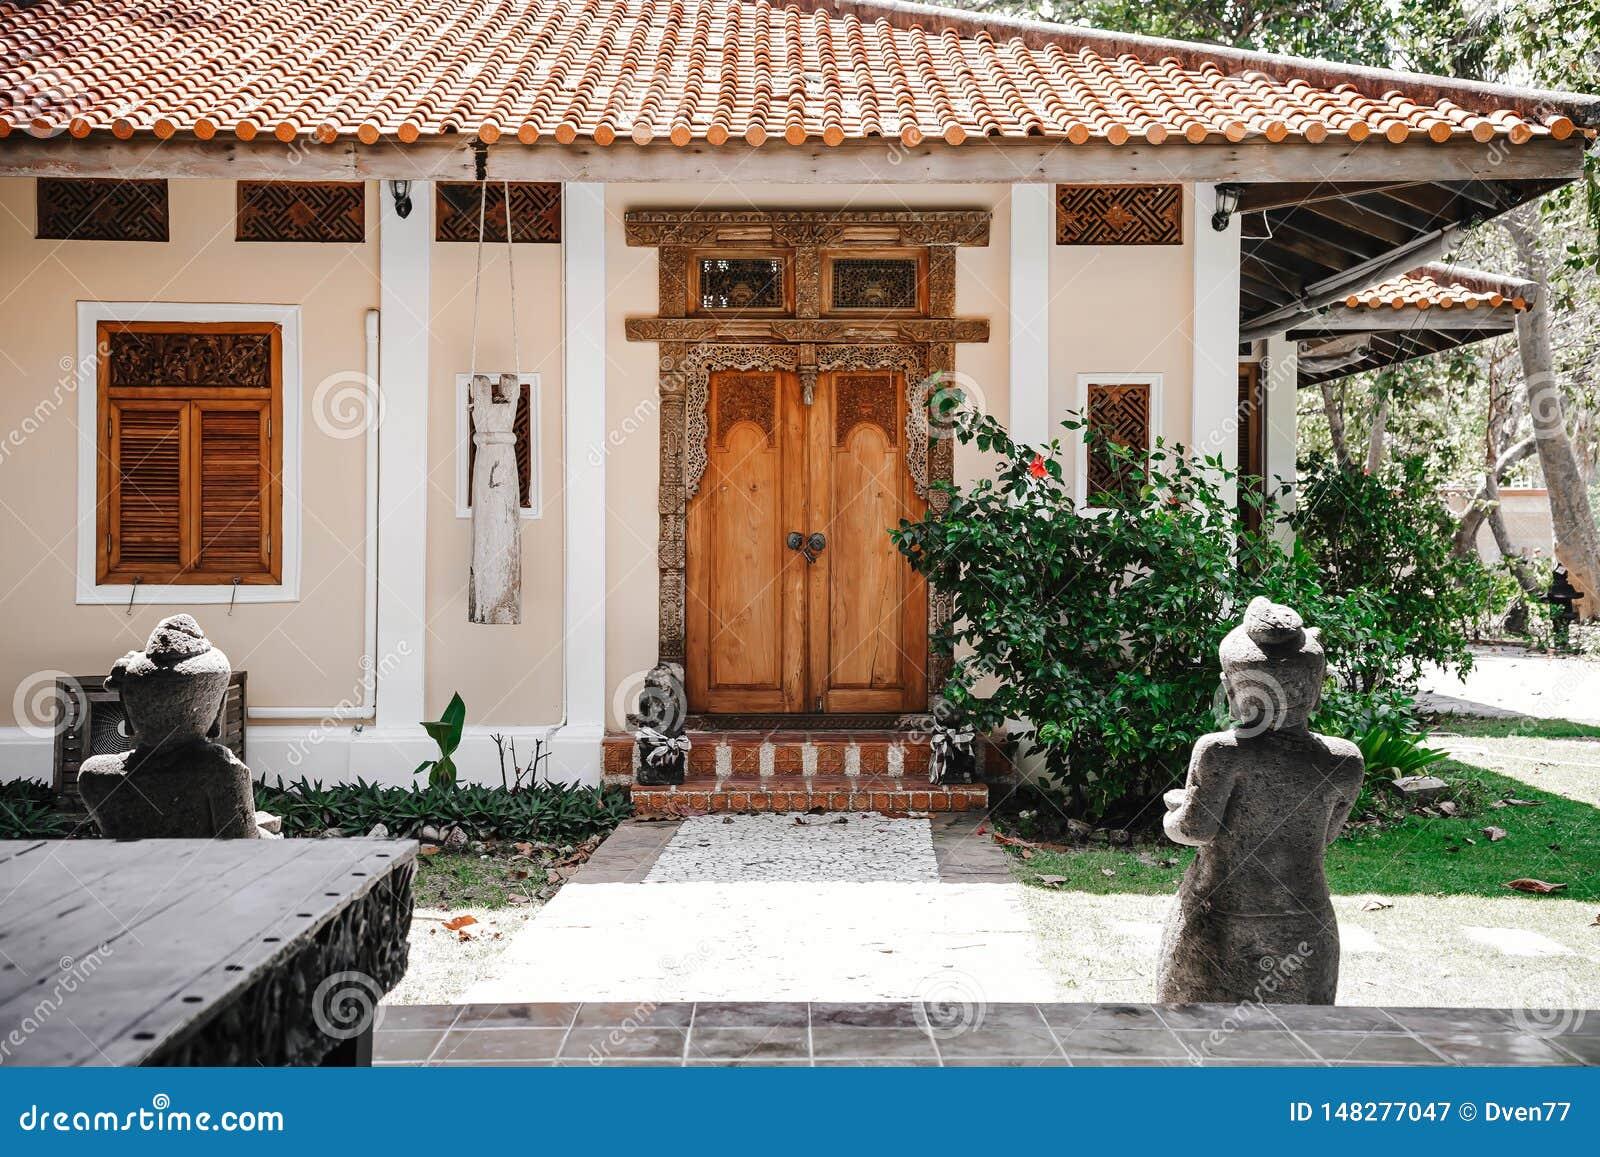 对黄色房子的入口 与被雕刻的样式的老木门 导致一个锁着的门的石道路